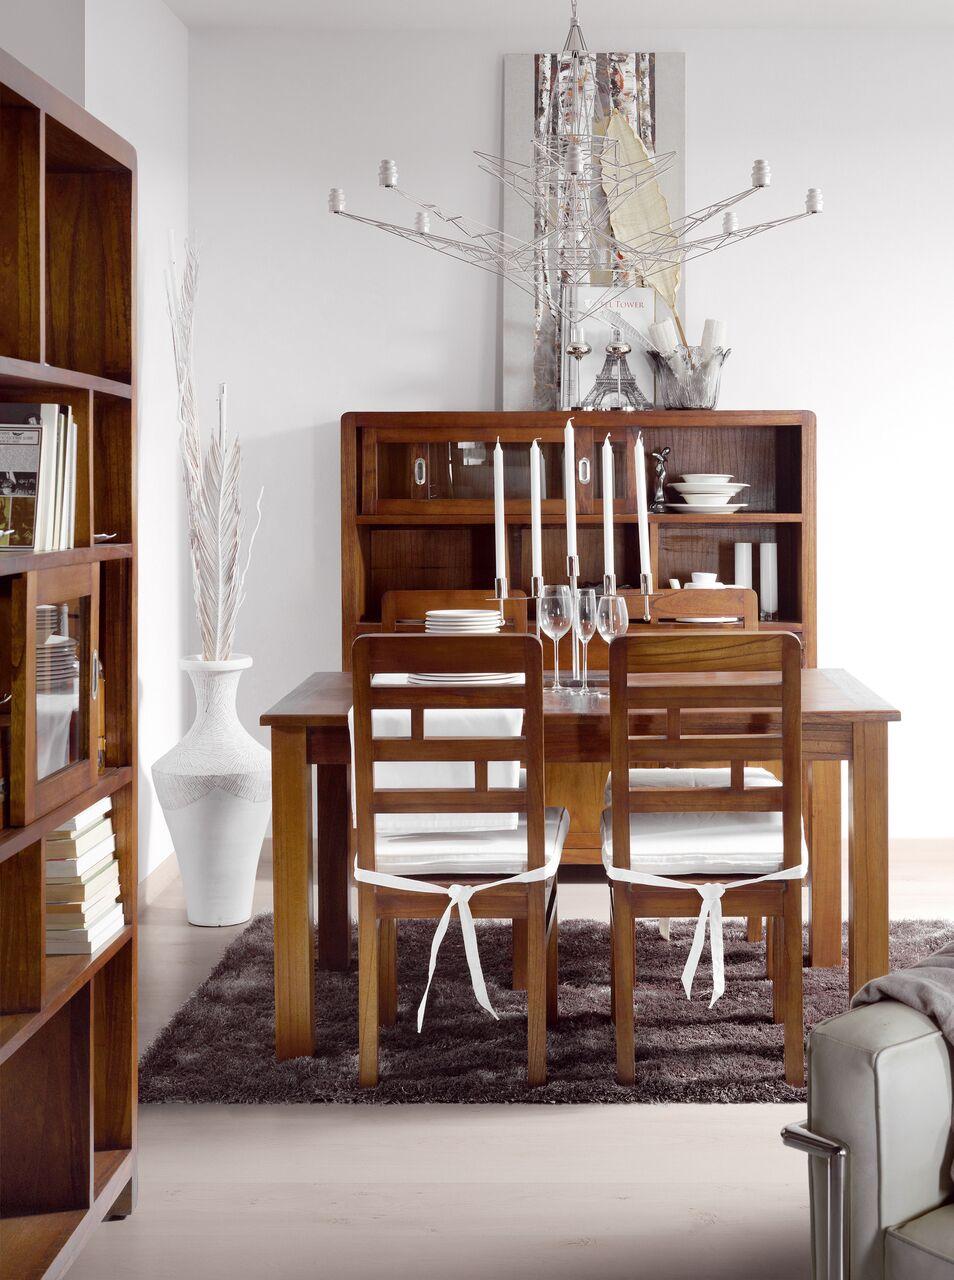 saurus meuble escalier en bois 2 versions. Black Bedroom Furniture Sets. Home Design Ideas